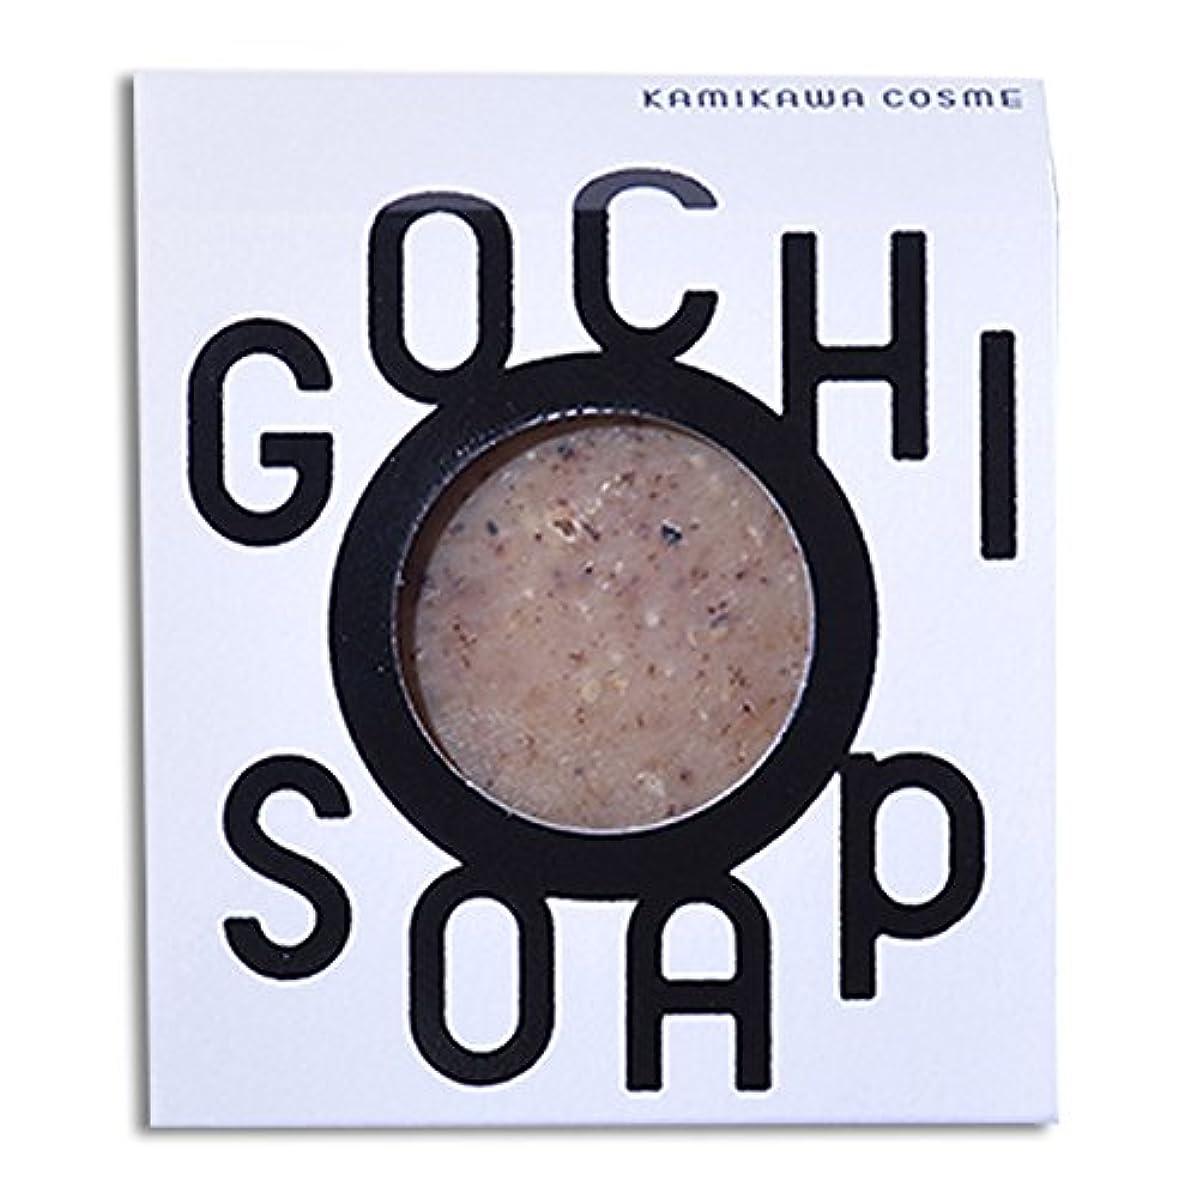 置換カテナ球状道北の素材を使用したコスメブランド GOCHI SOAP(上森米穀店の黒米ぬかソープ?谷口農場のトマトソープ)各1個セット